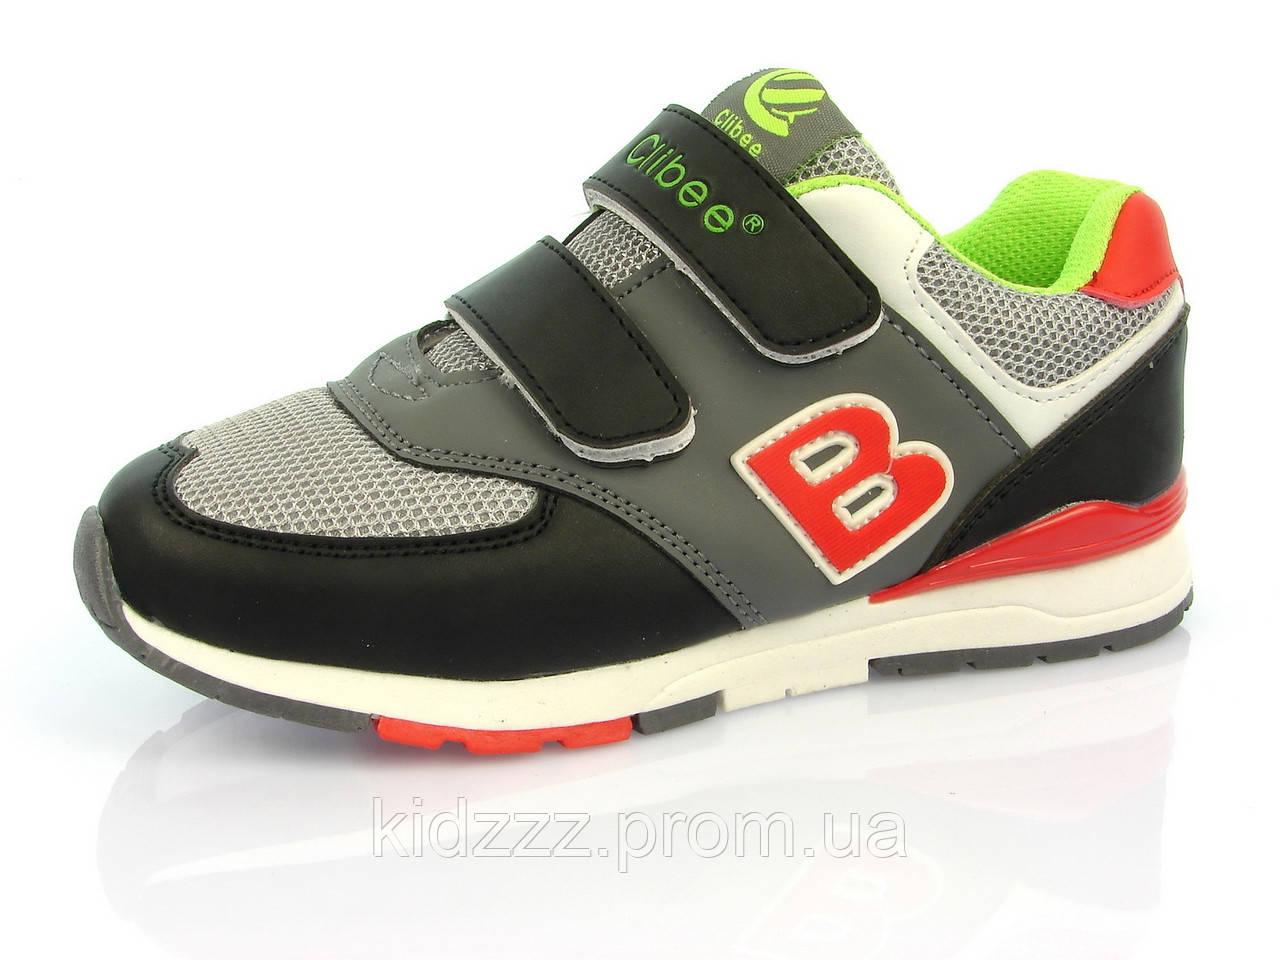 Детская обувь кроссовки Clibbe